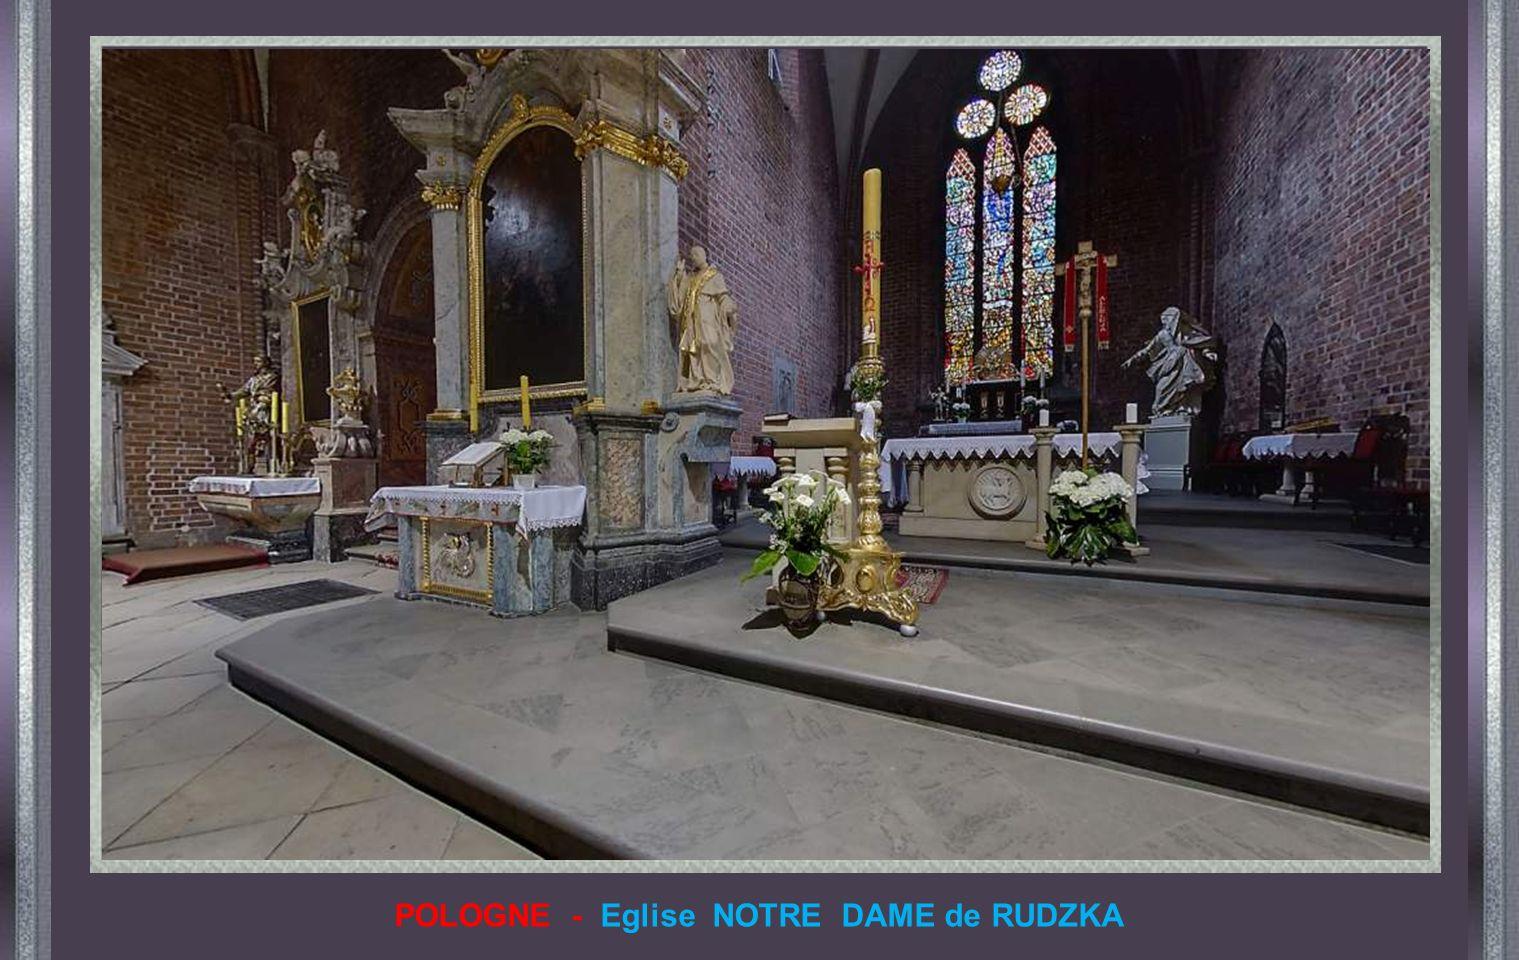 POLOGNE - Eglise paroissiale de SAINTE THÉRÈSE